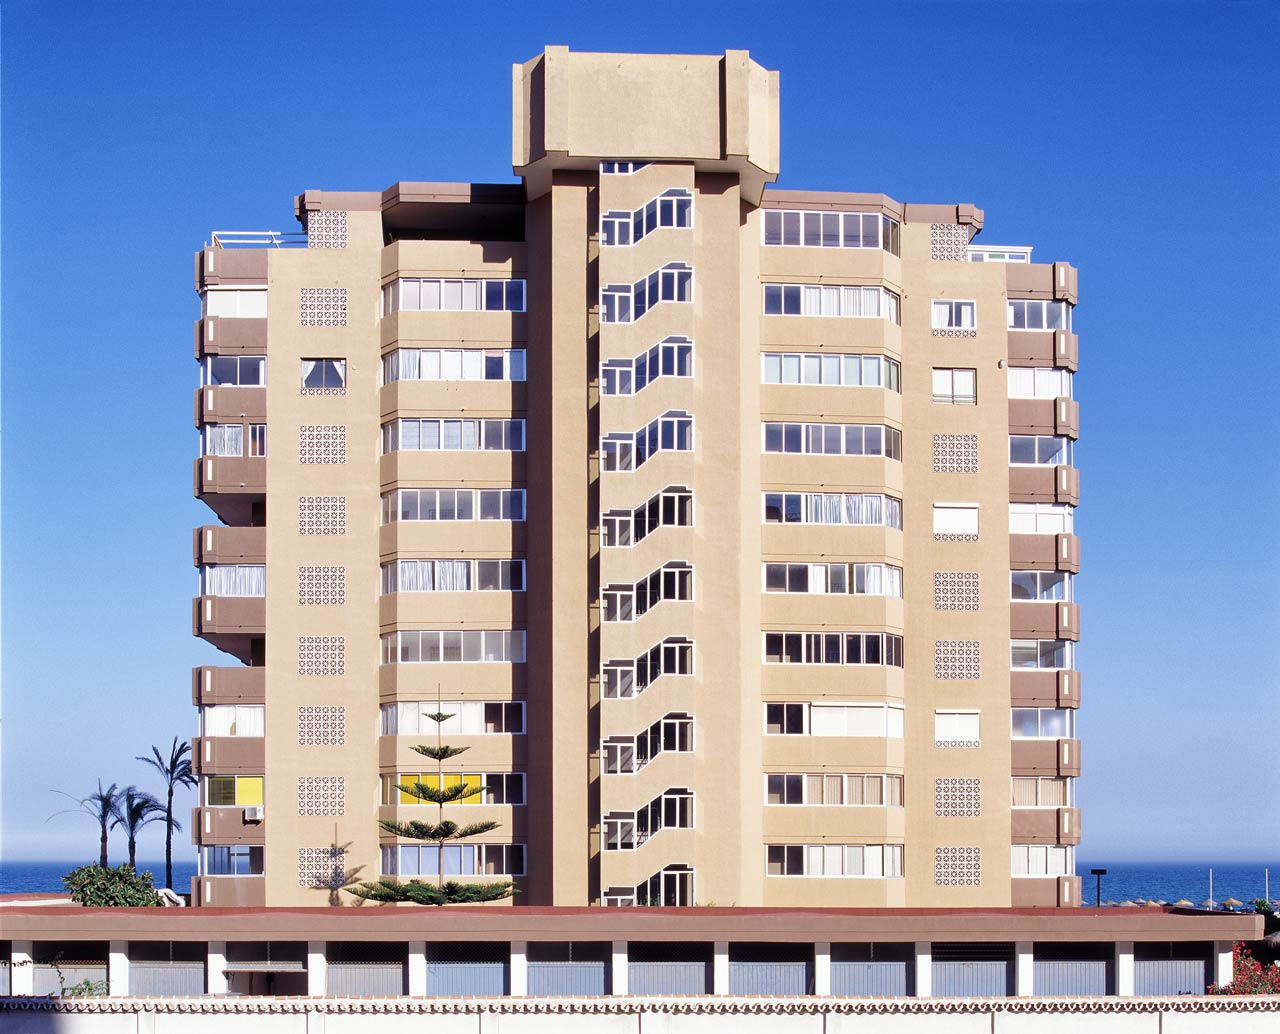 costa-del-sol-generic-architecture